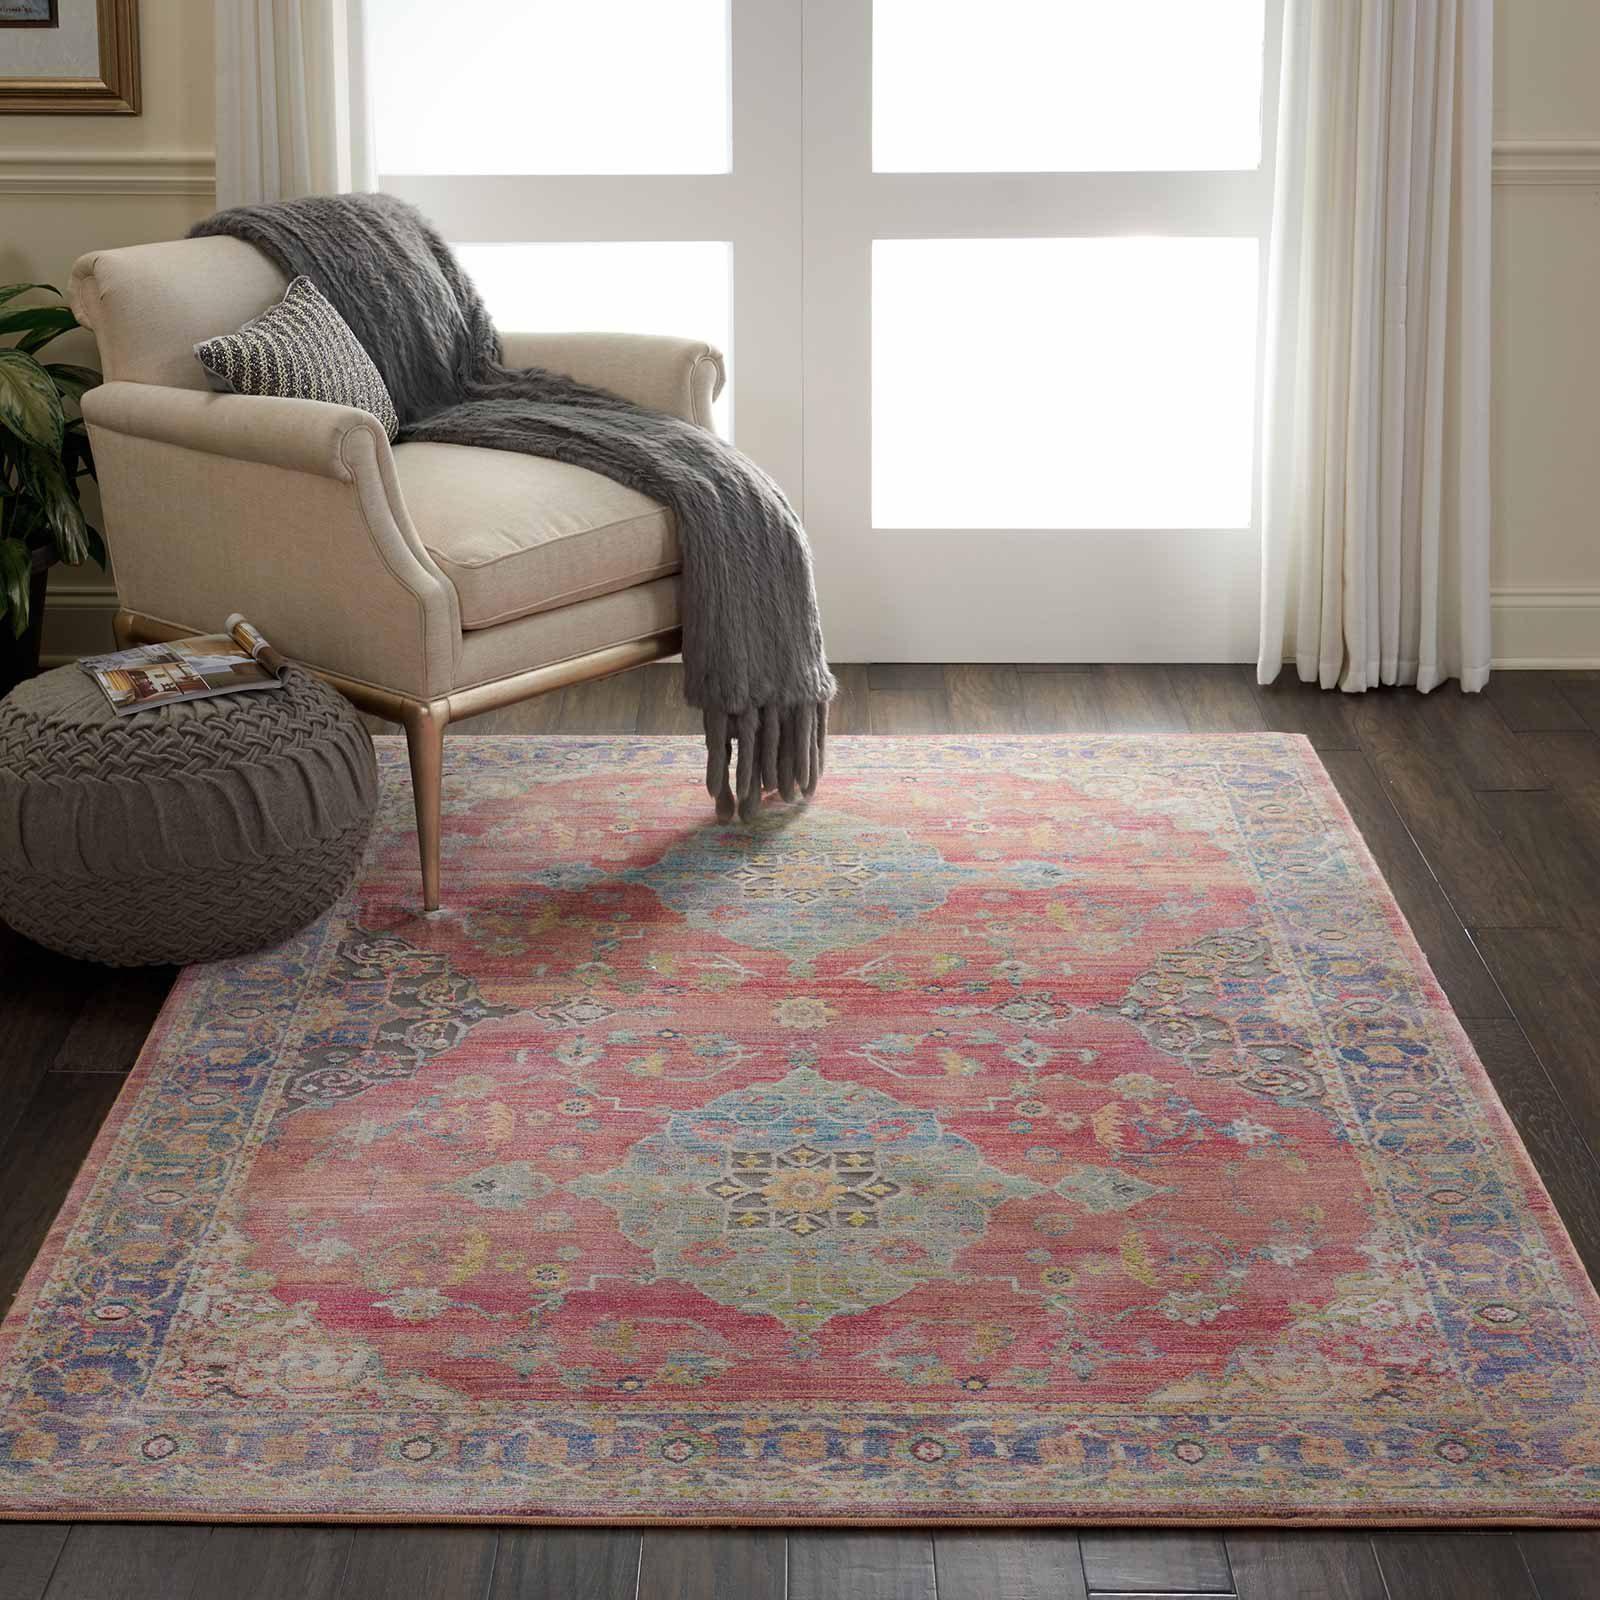 Andessi tapijt Ankara Global ANR01 MULTI 5X8 099446456335 interior 1 C